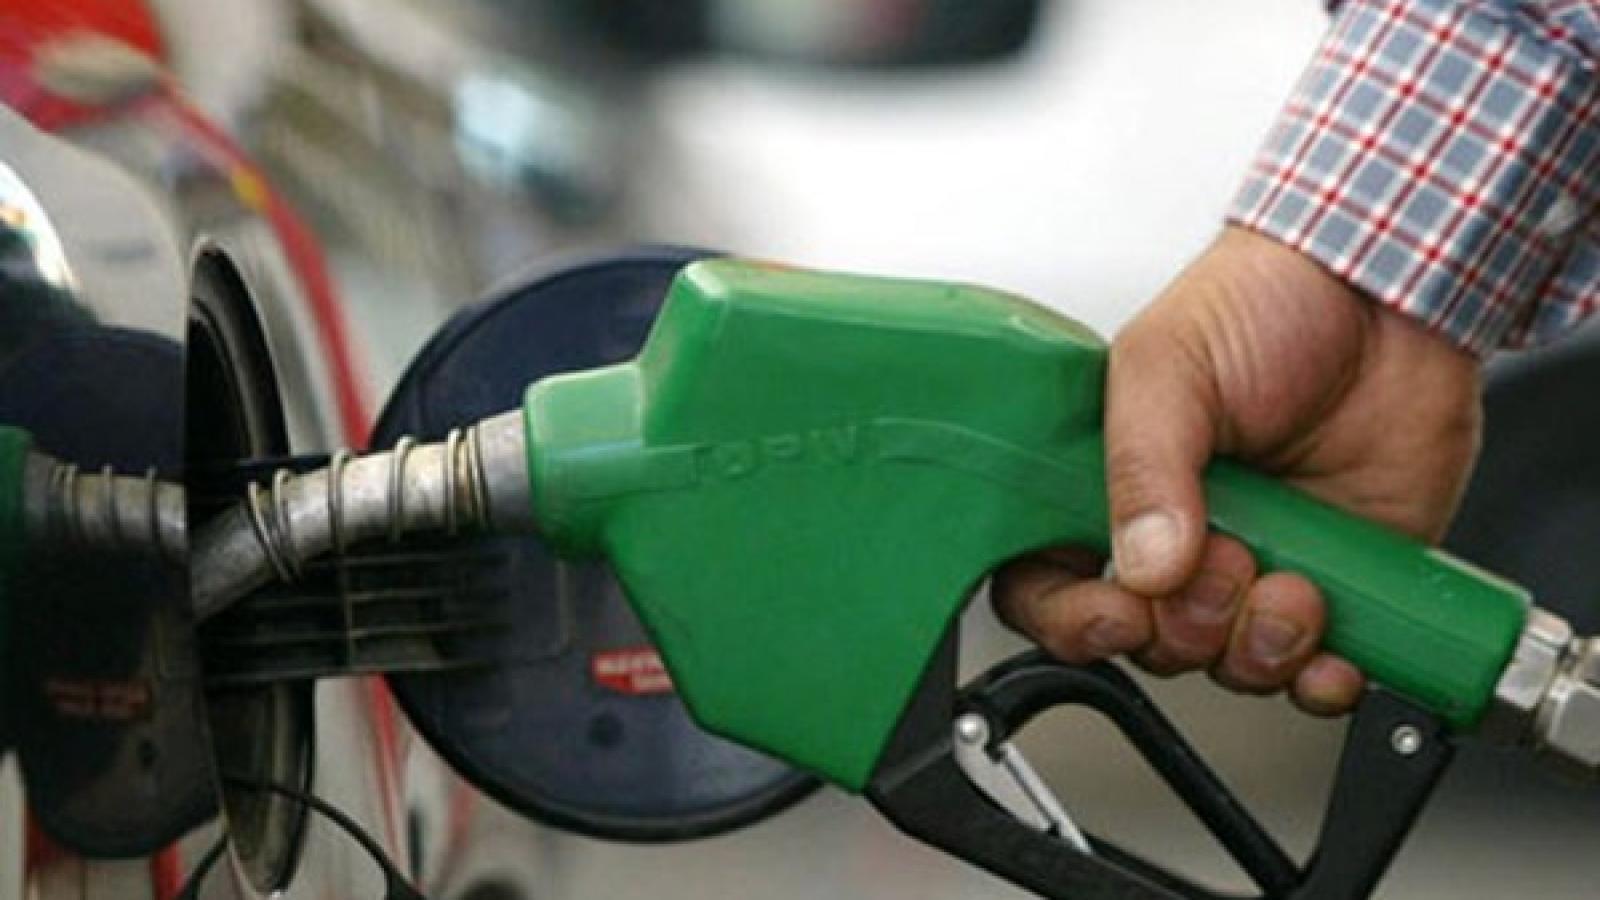 افزایش 4 درصدی مصرف سوخت در ایام اربعین حسینی - اجاره خودرو طباطبایی